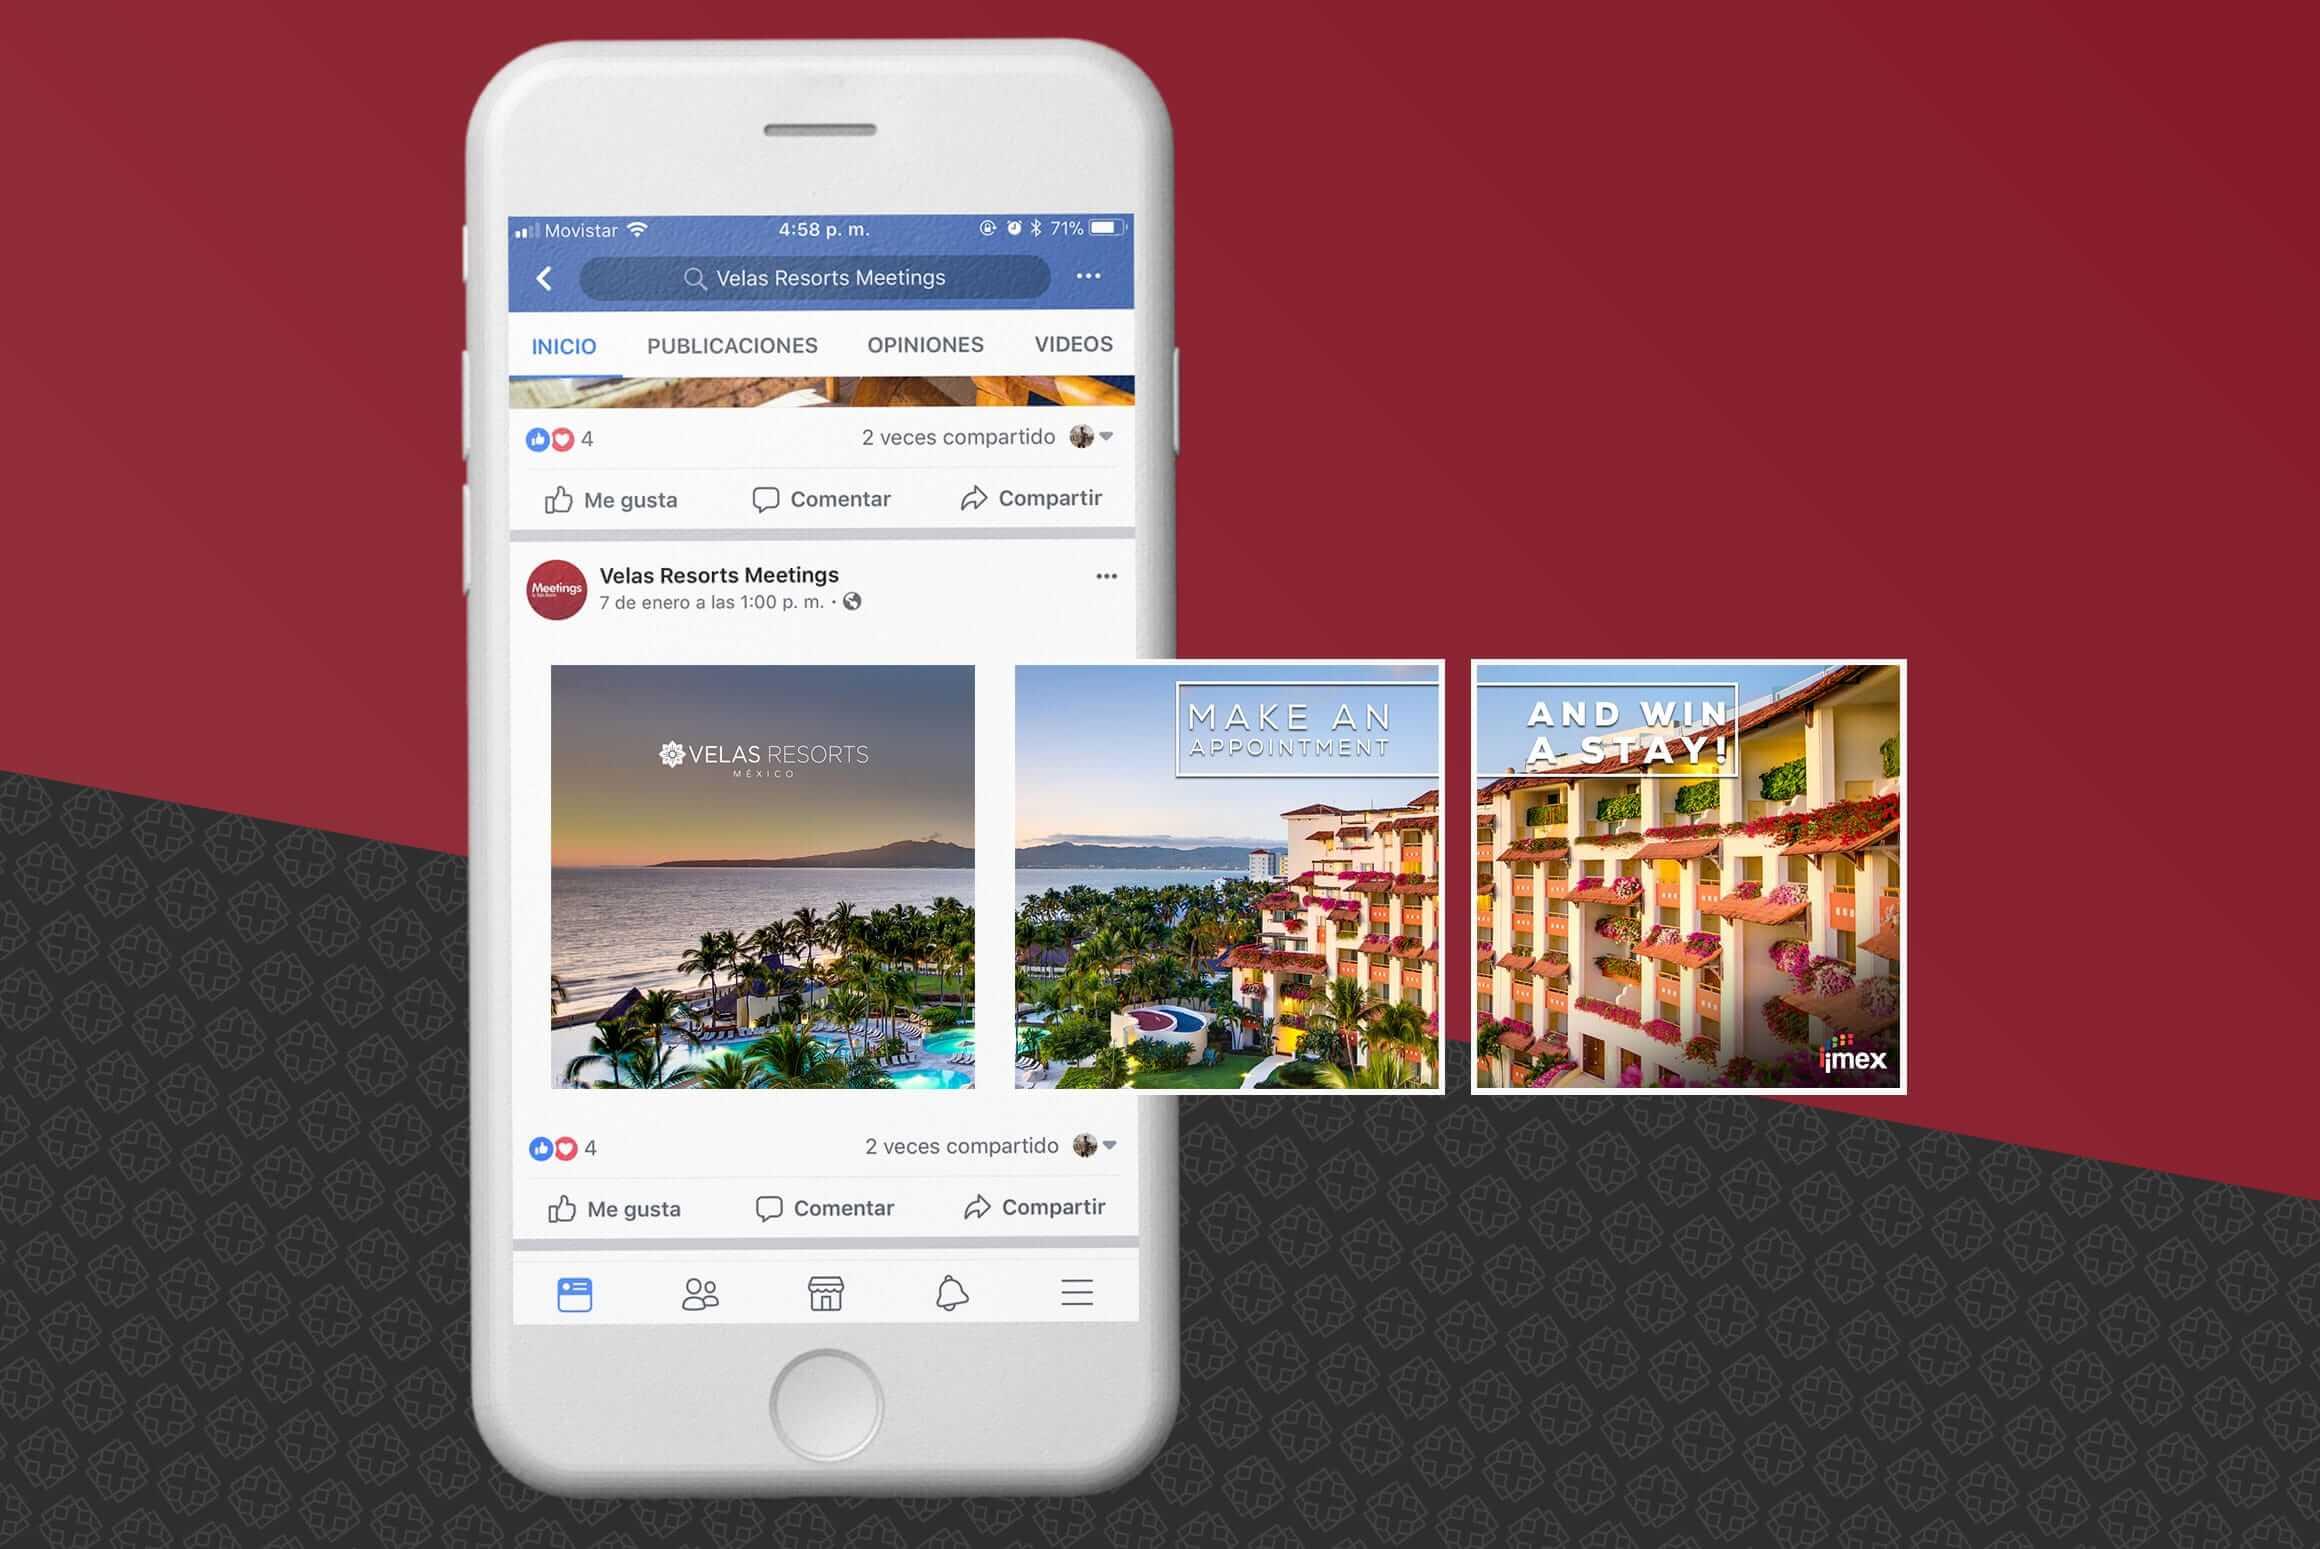 Proyecto de marketing y comunicación en Jalisco - Velax IMEX